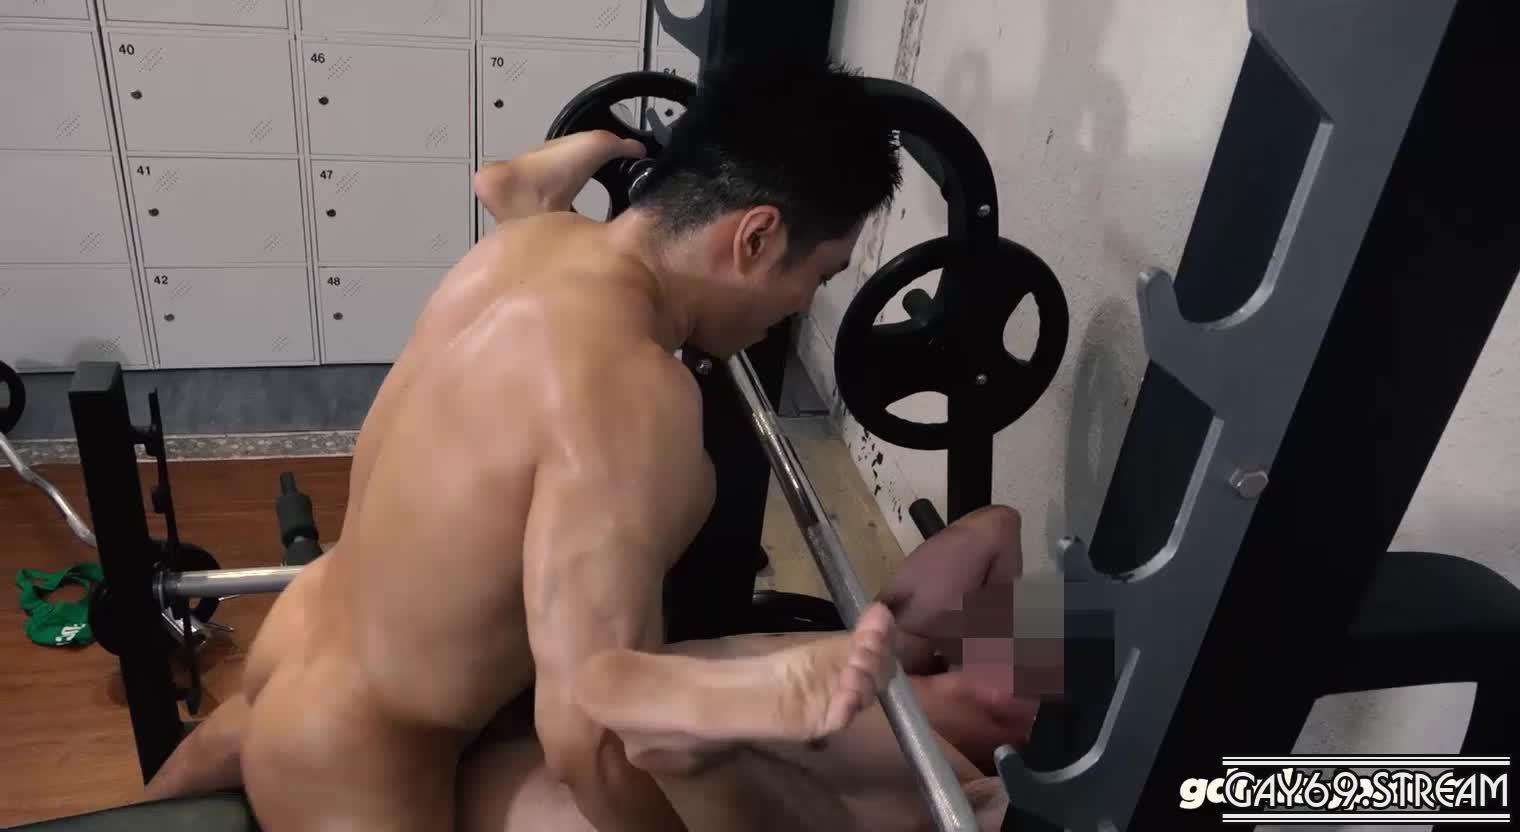 【HD】【OF】 JFF duncanku 11_20210702